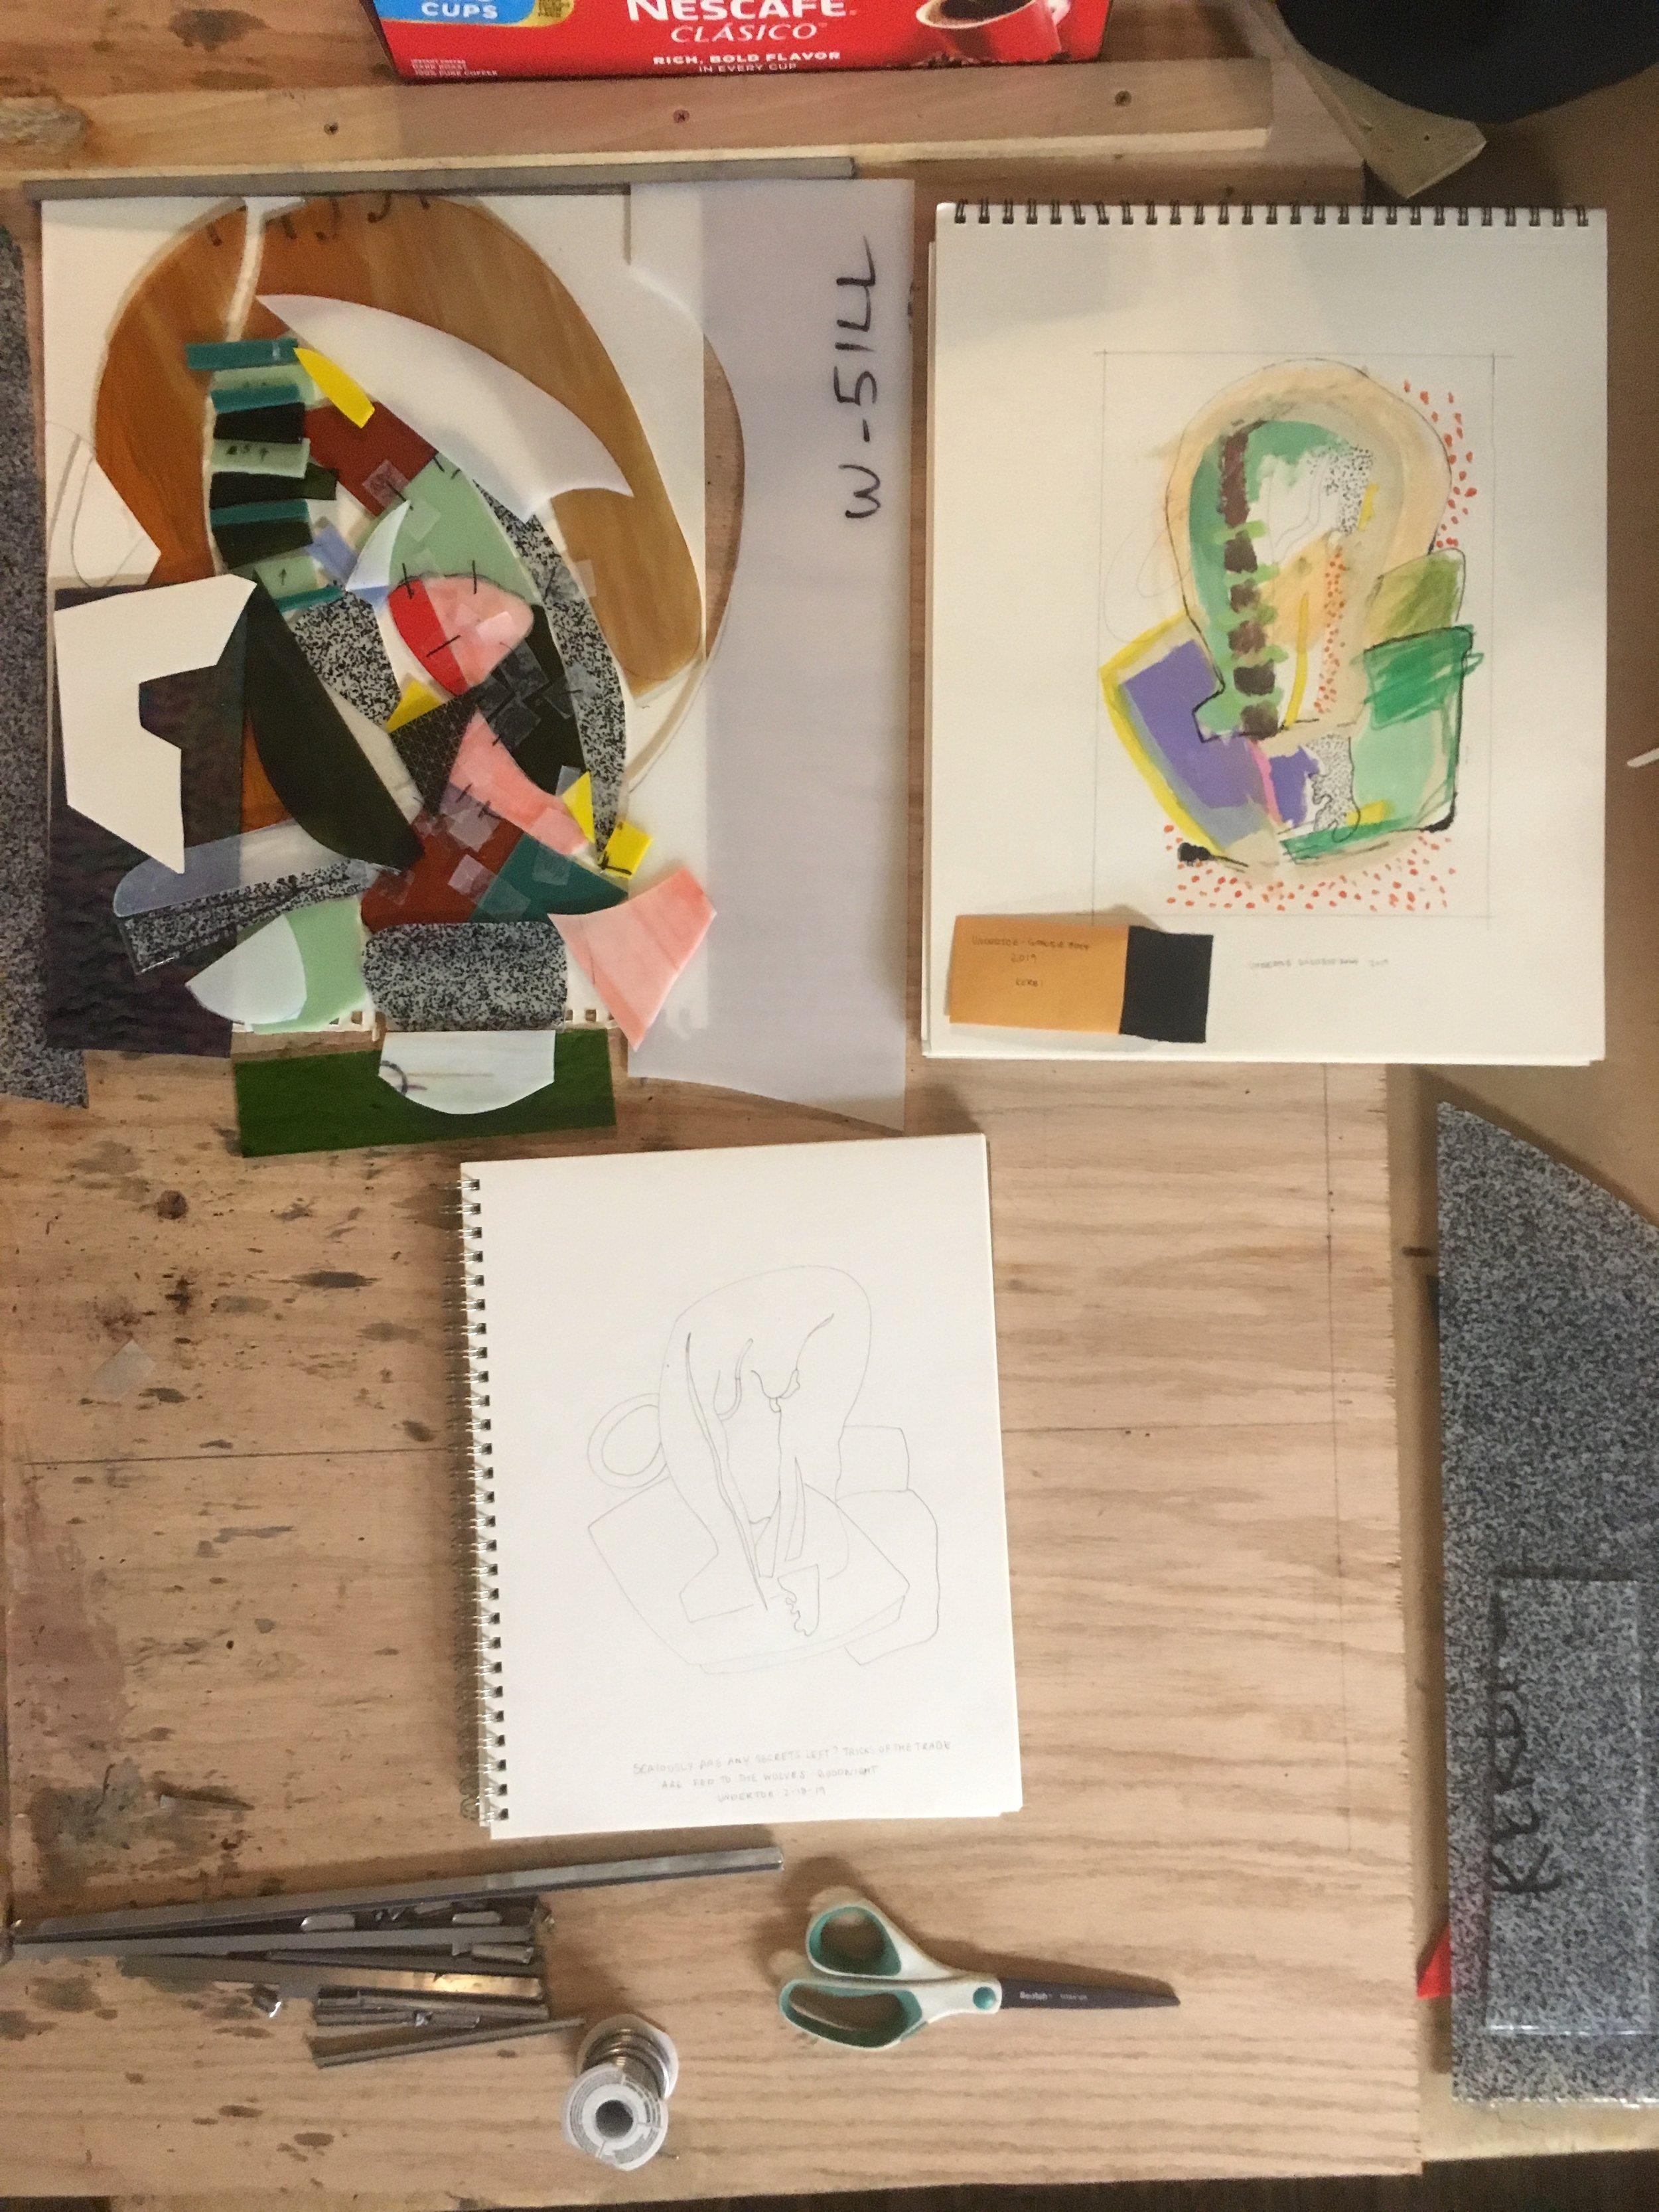 Studio.Stained.Glass.Kerbi.Urbanowski.JPG